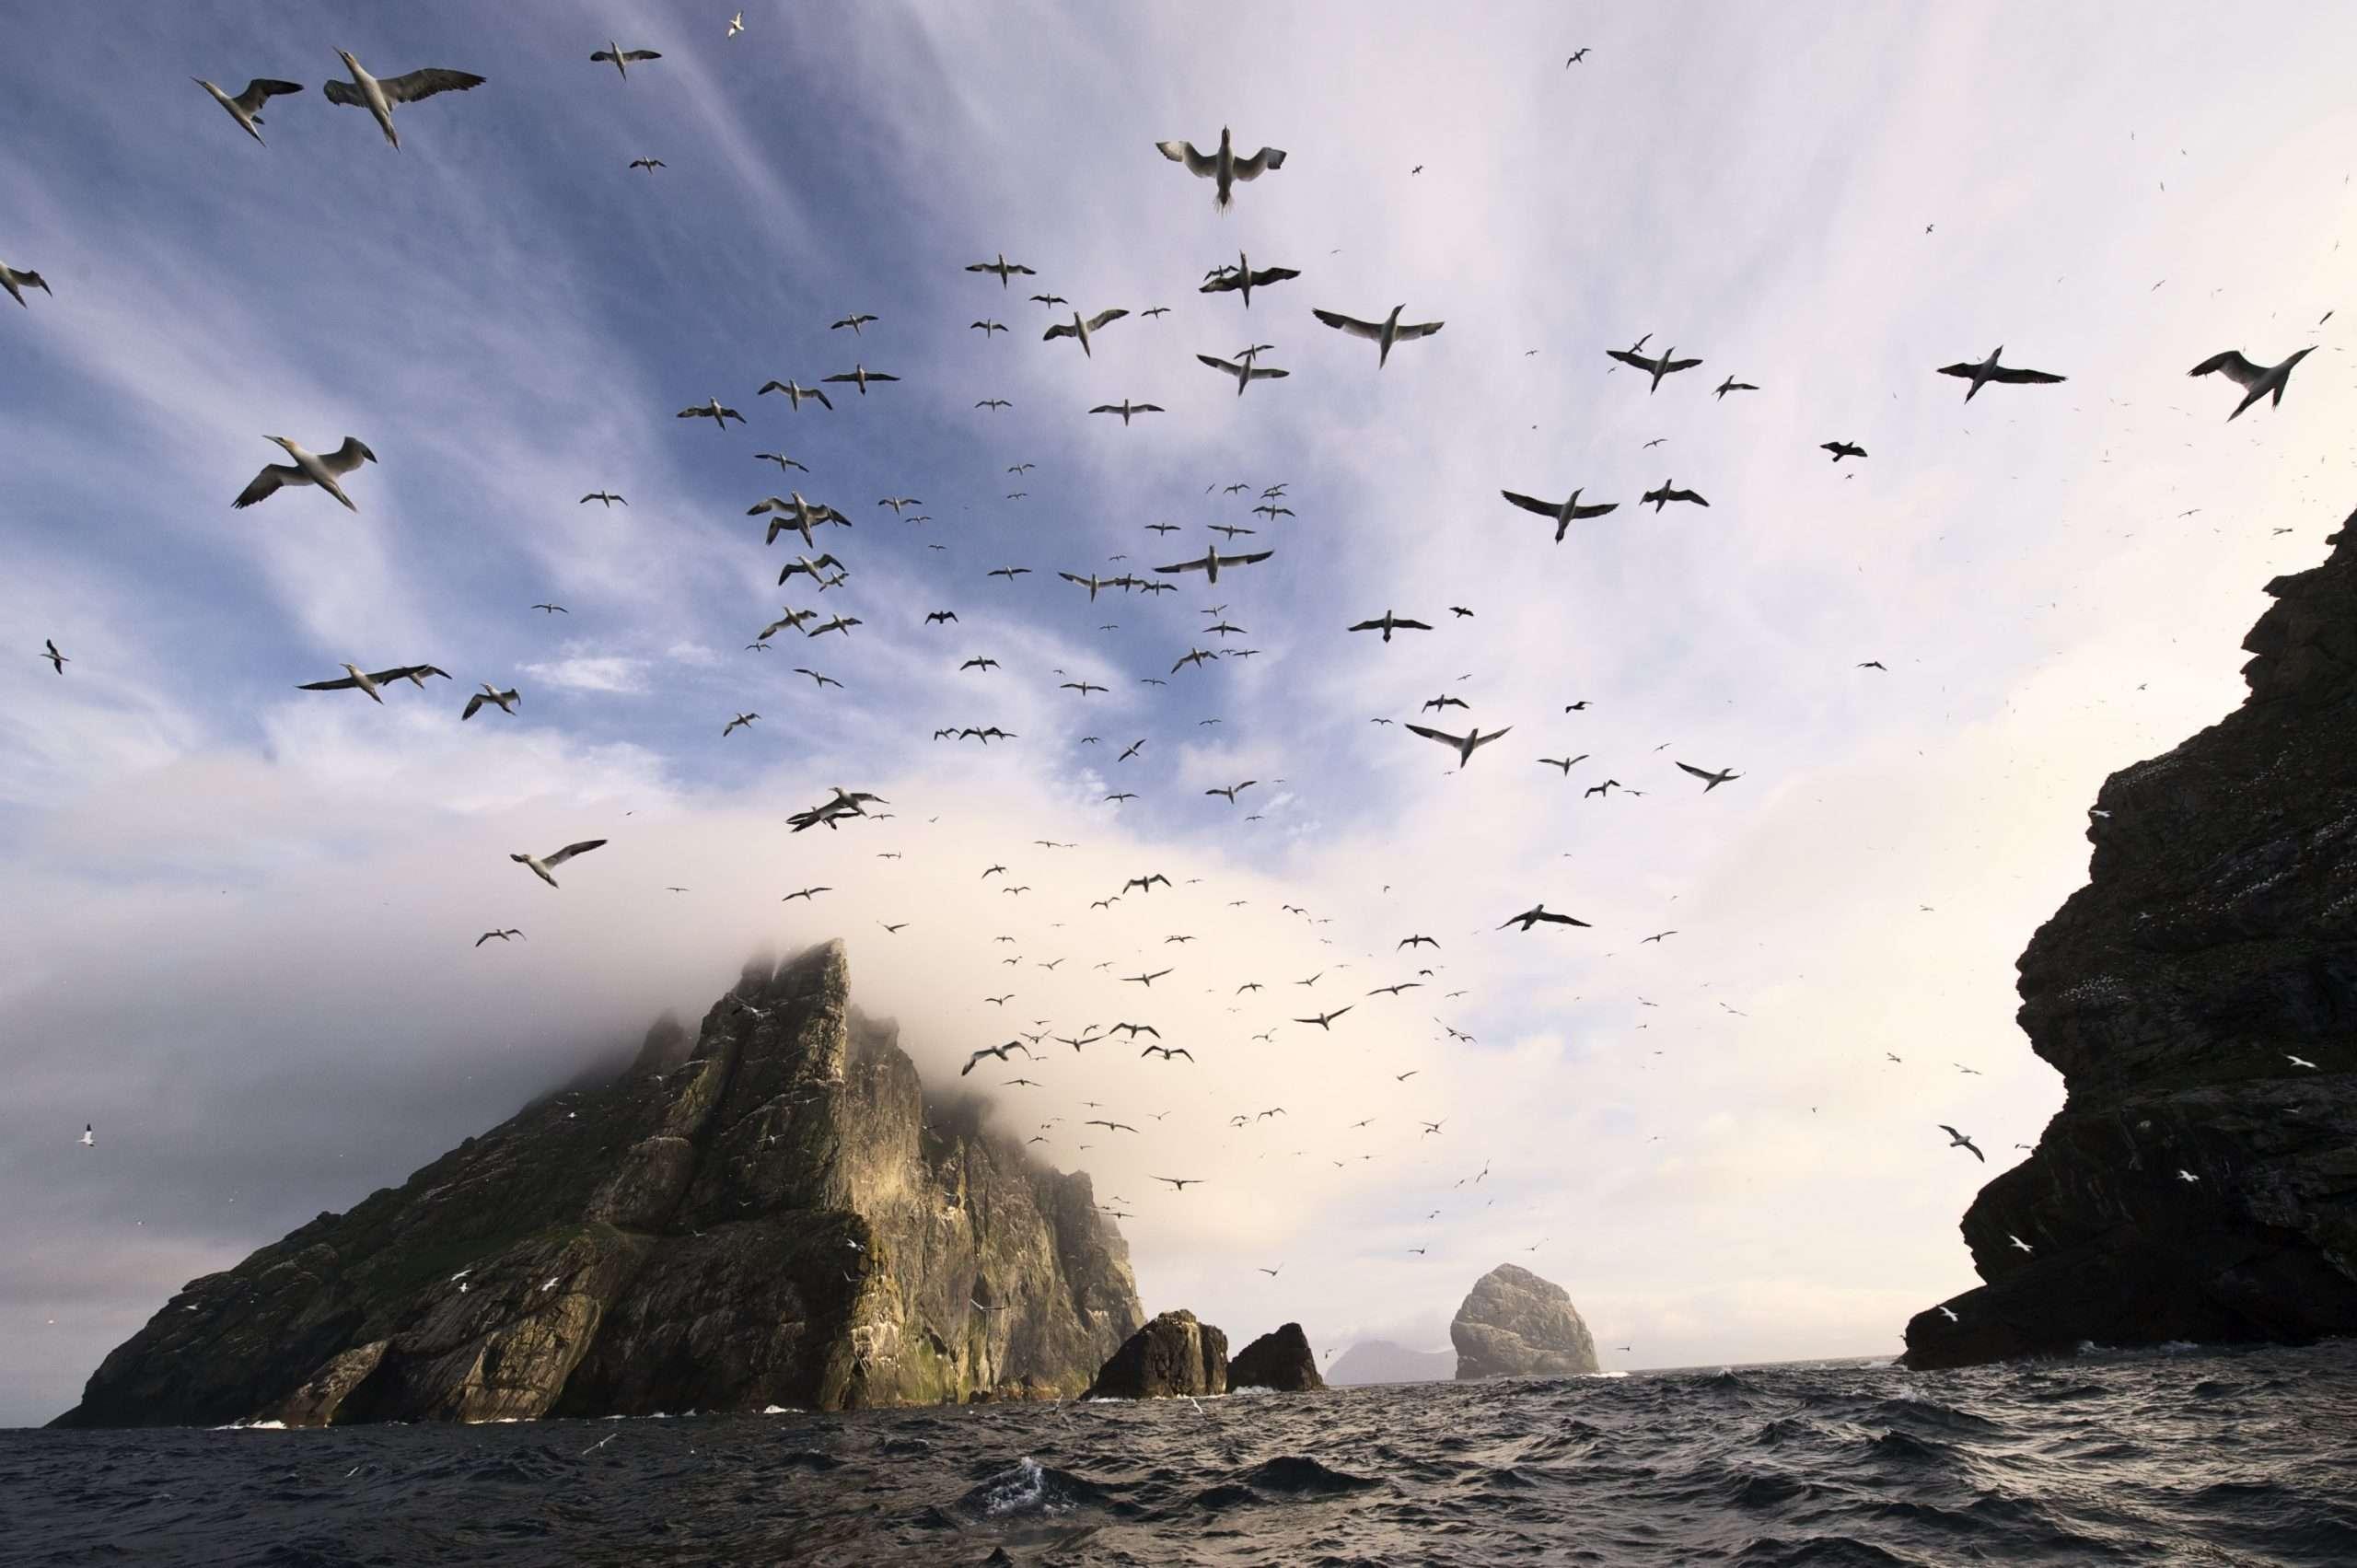 St Kilda by Sea Harris 2